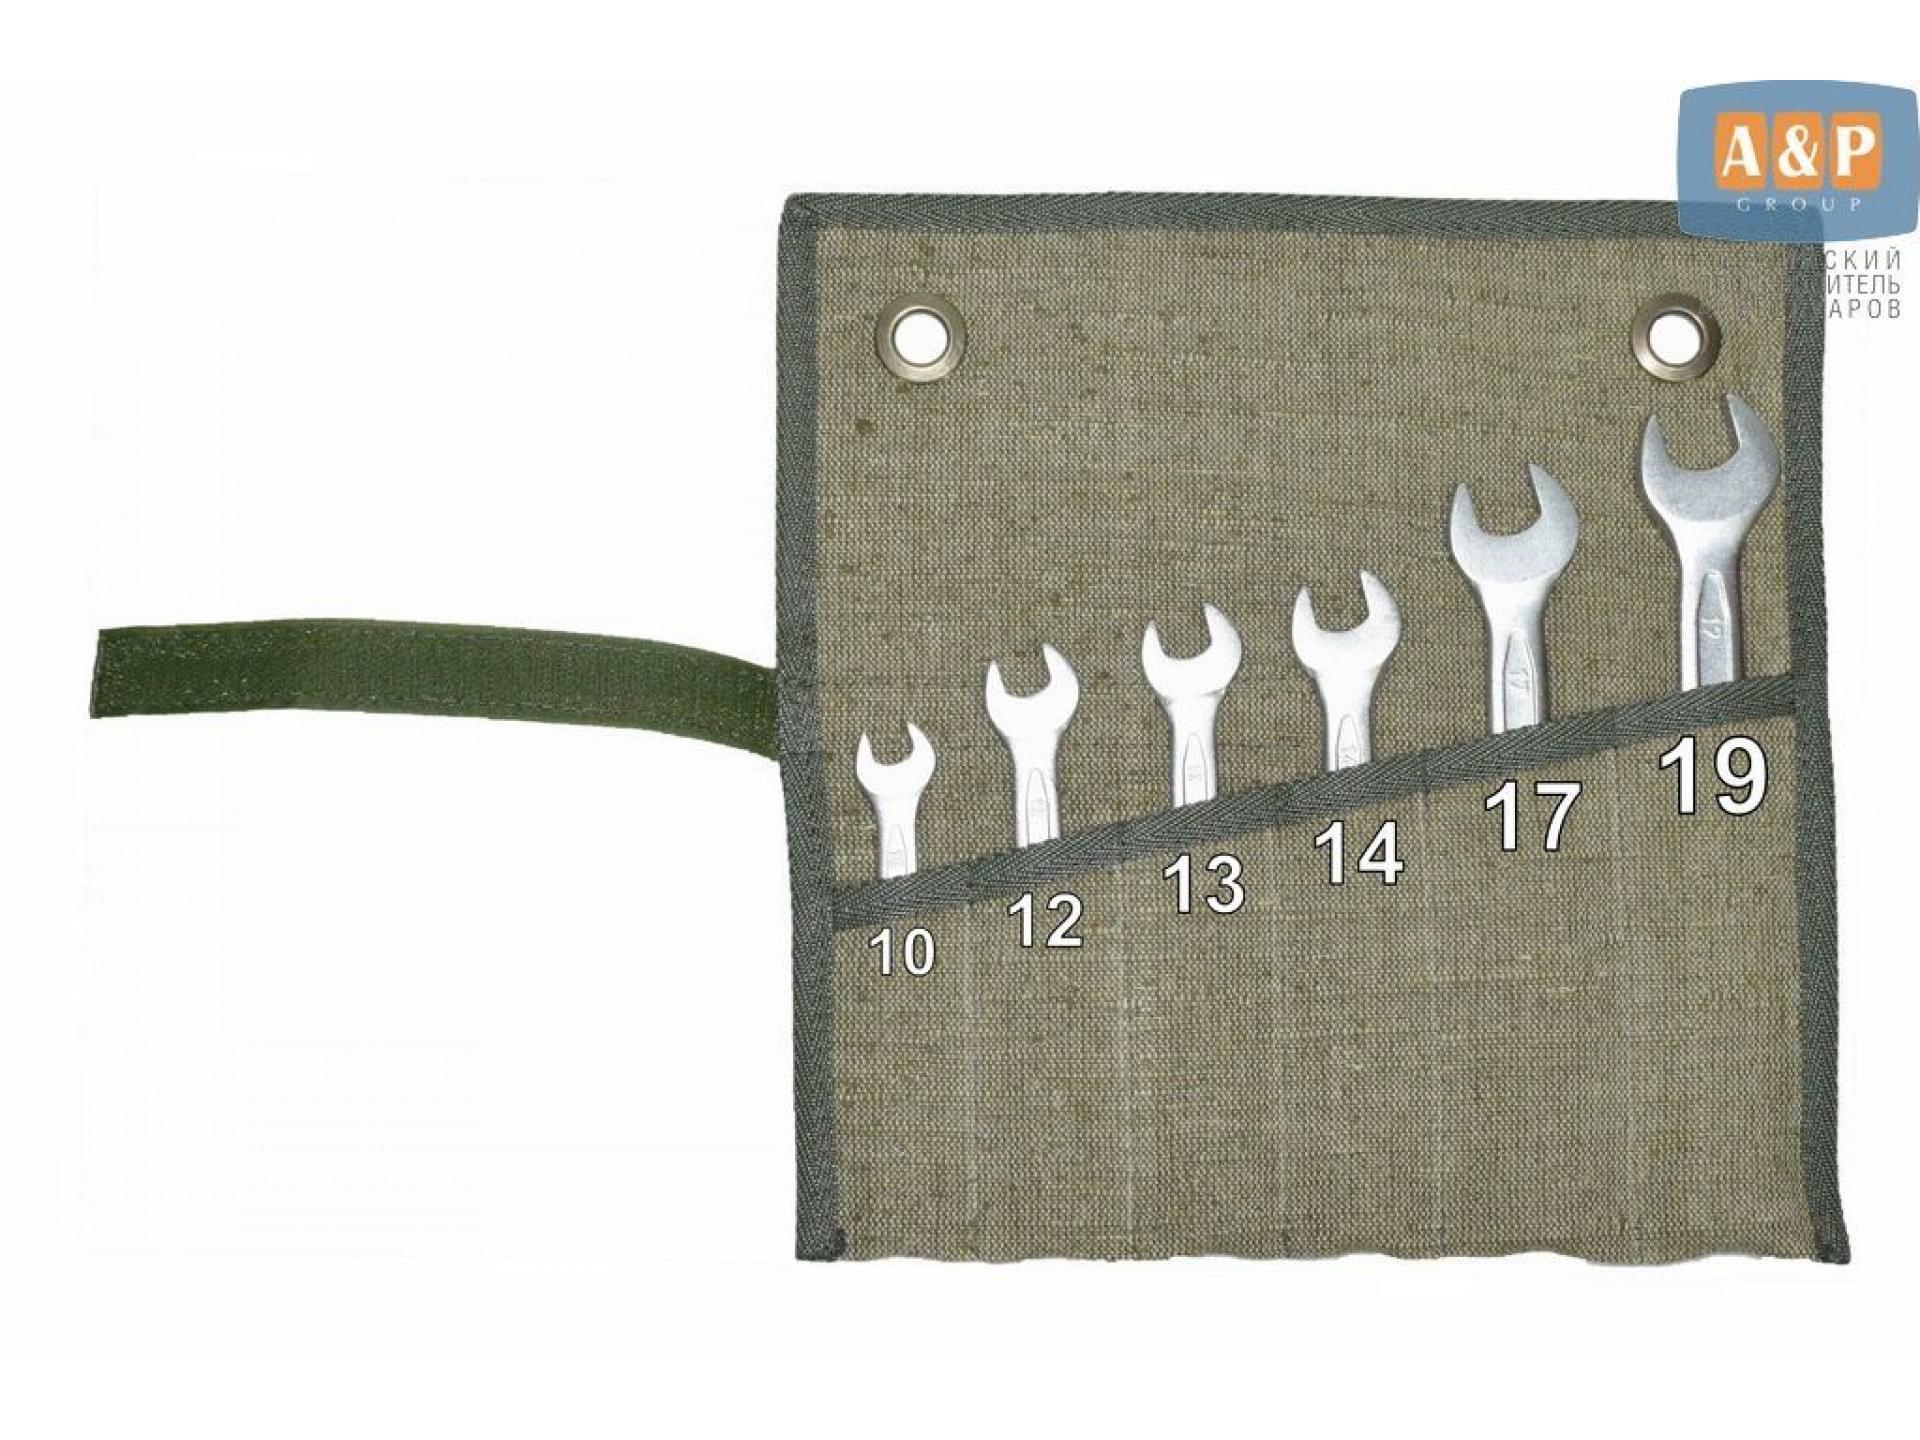 Сумка-скрутка для рожковых (накидных, гаечных, комбинированных) ключей 10-19 мм (6 предметов). Материал: брезент.